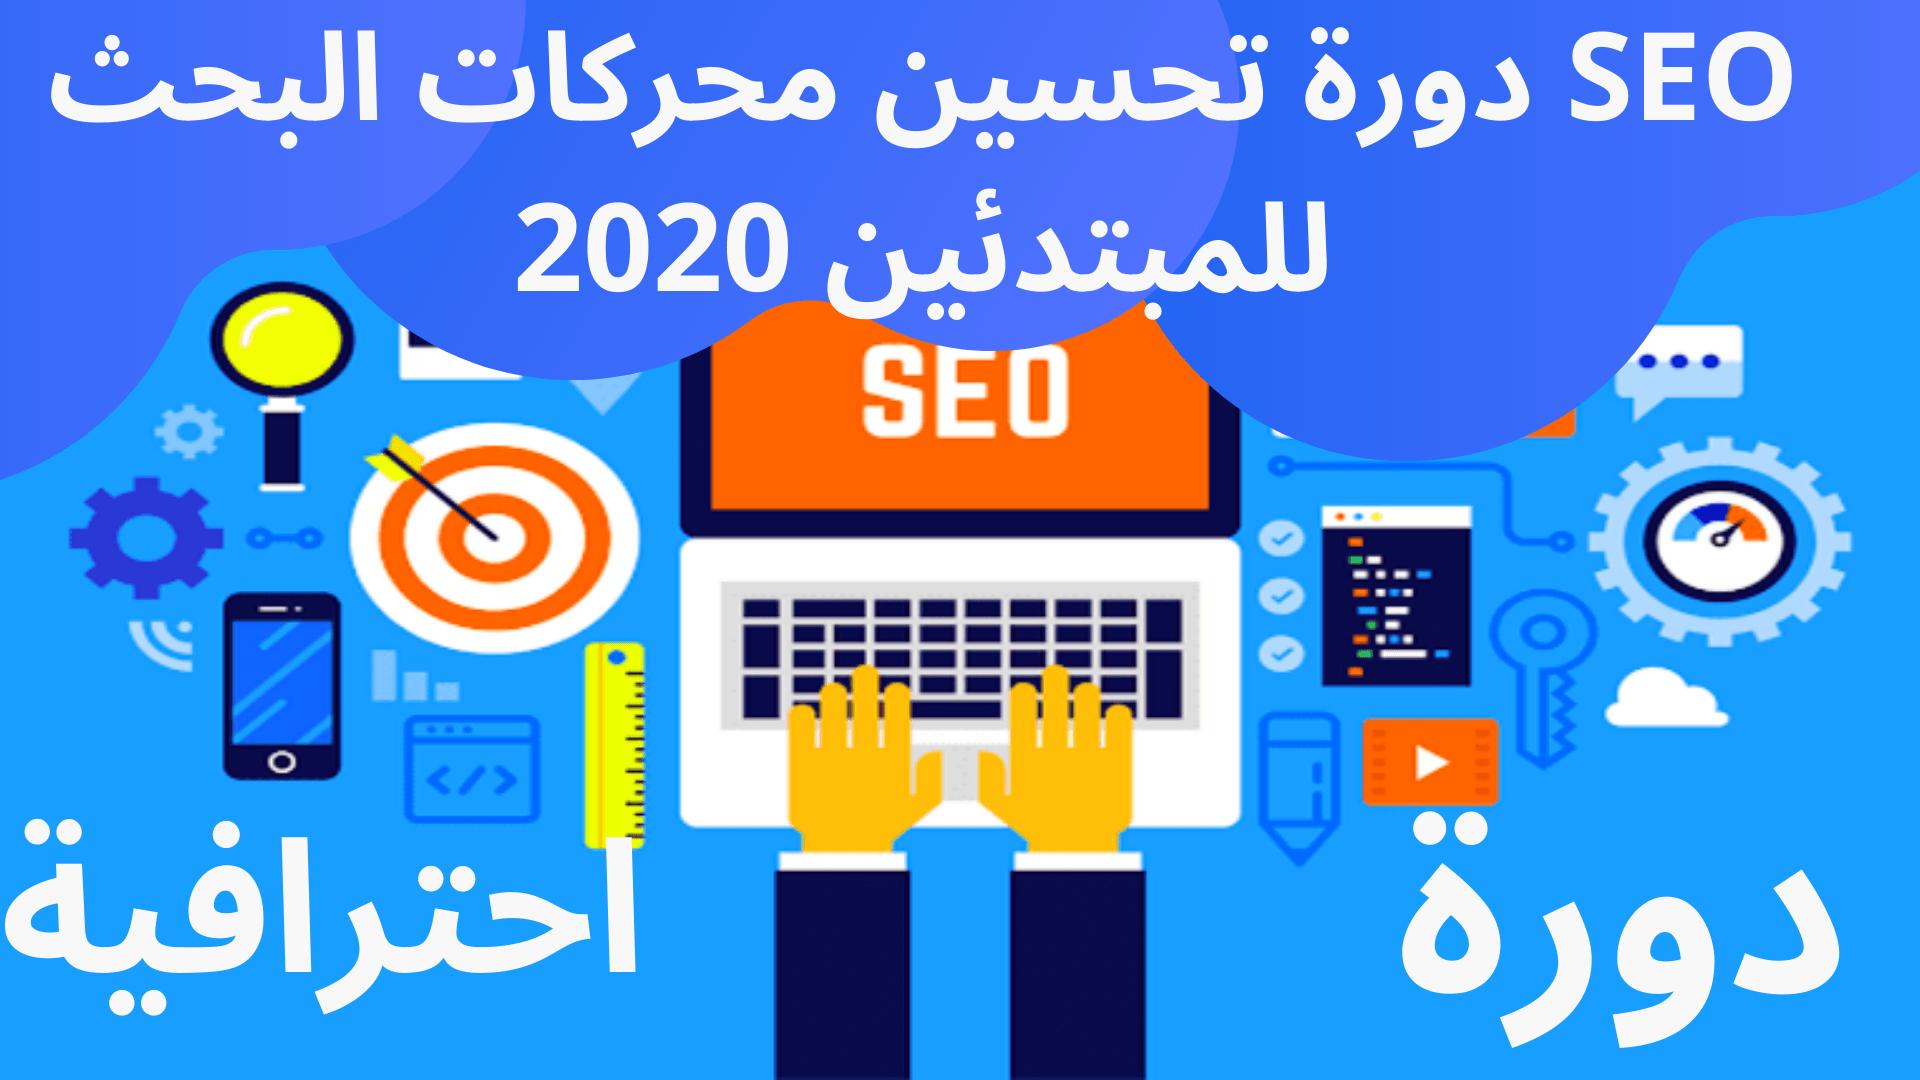 دورة تحسين محركات البحث Seo للمبتدئين 2020 Seo Beginners